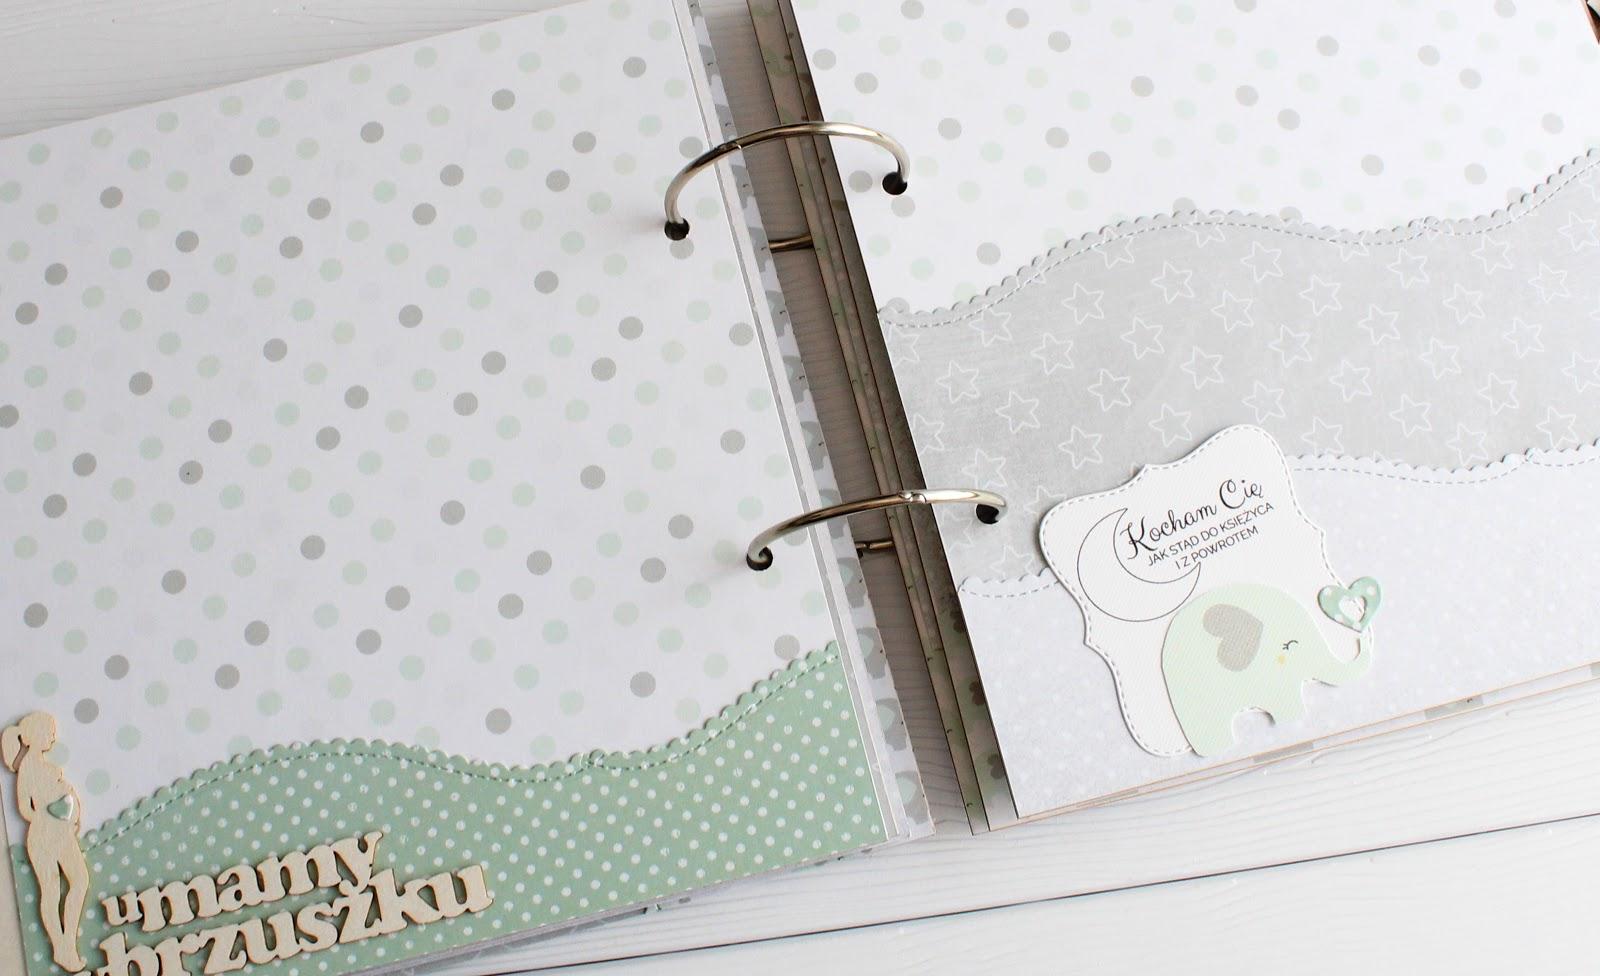 ciąża album ciążowy handmade rękodzieło ciążownik prezent baby shower przyszła mama pamiętnik ciążowy 9 miesięcy dziennik scrapbooking sylwetki kobieta w ciąży scrapiniec